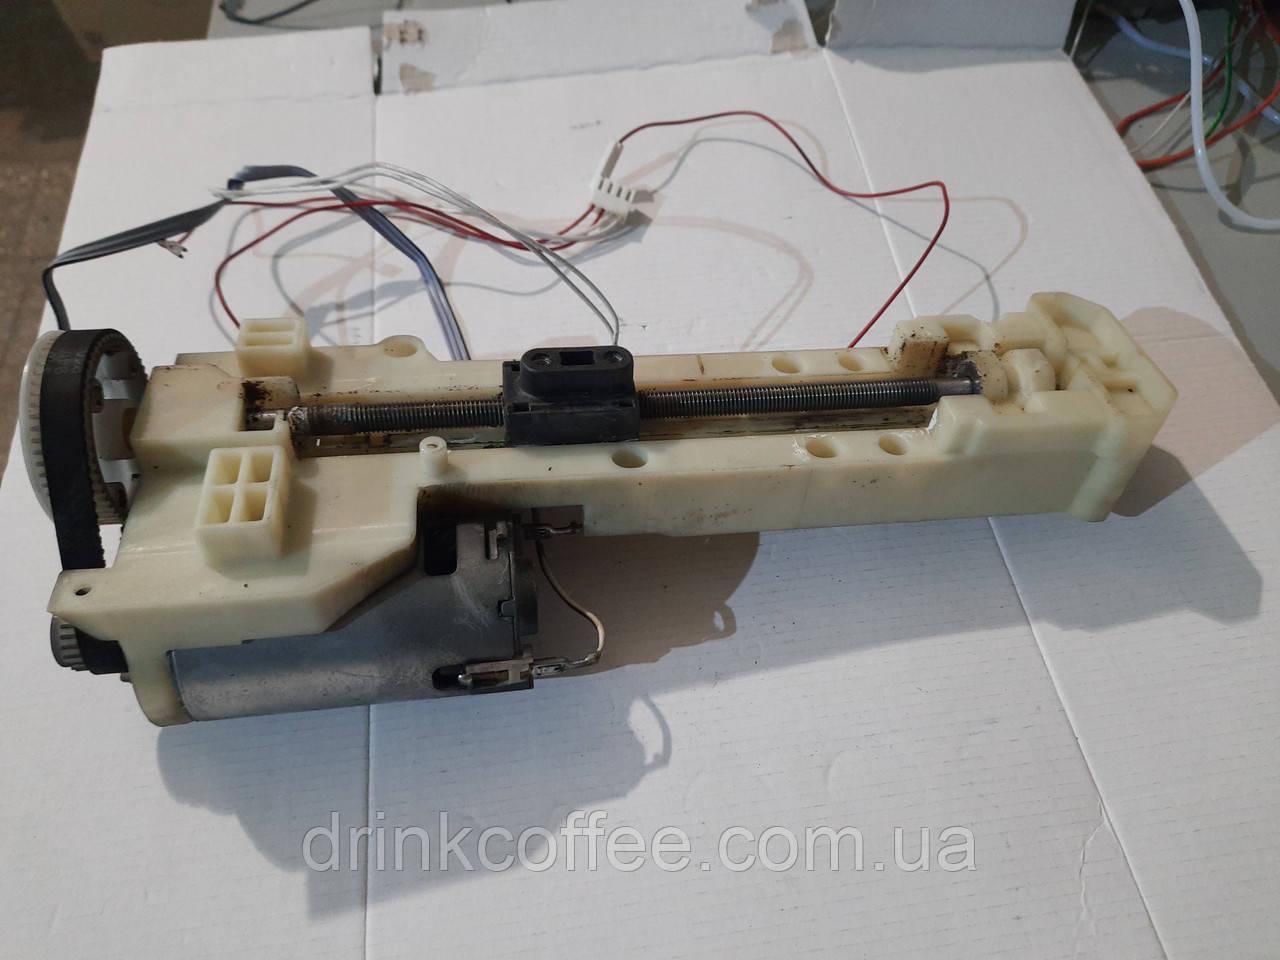 Привод заварочного блока в сборе для кофемашины Delonghi ECAM 23.450 б/у